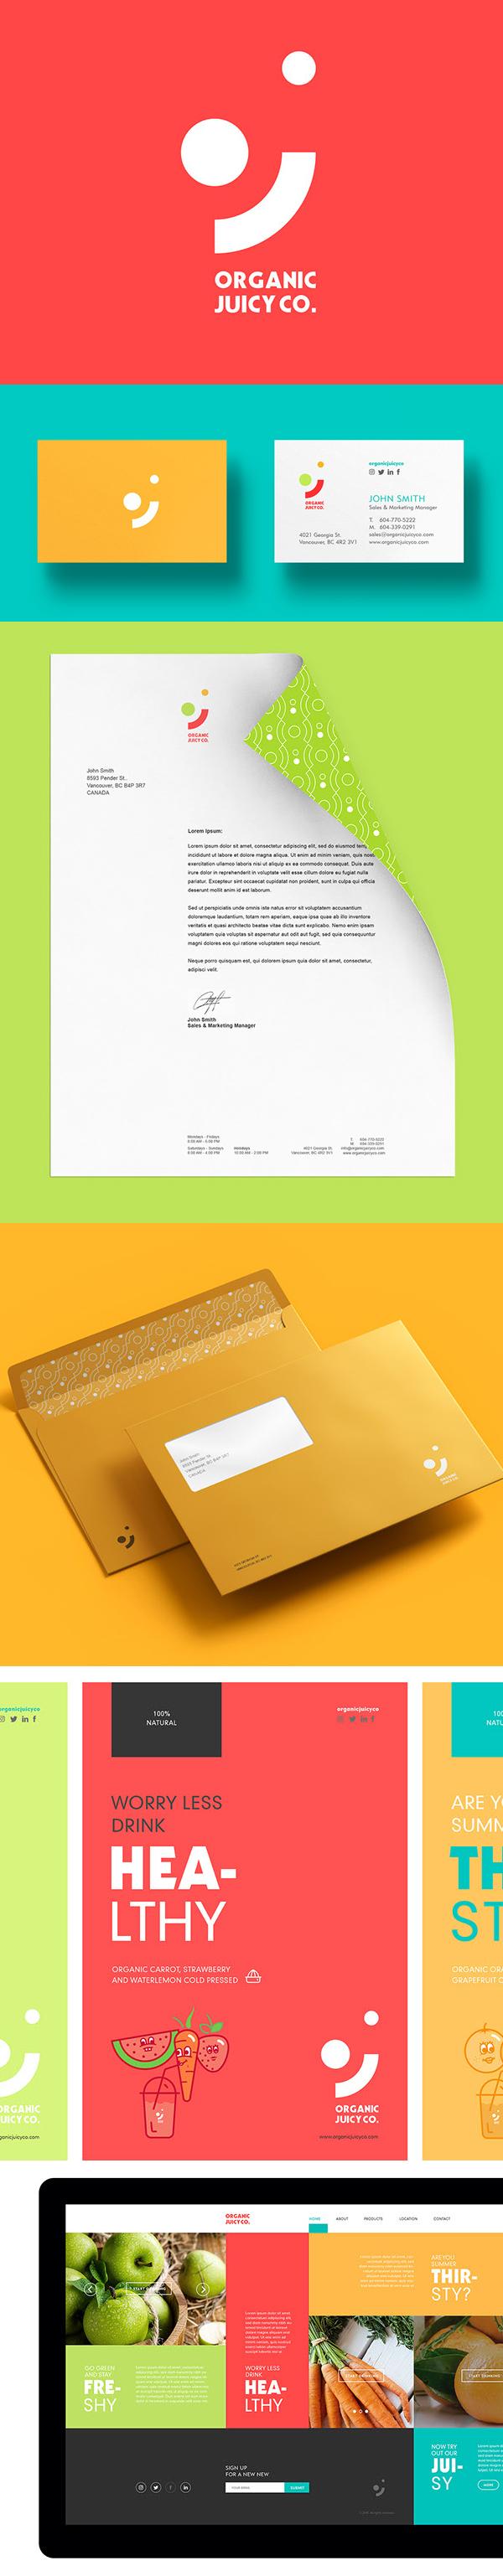 26个国外品牌形象设计作品集